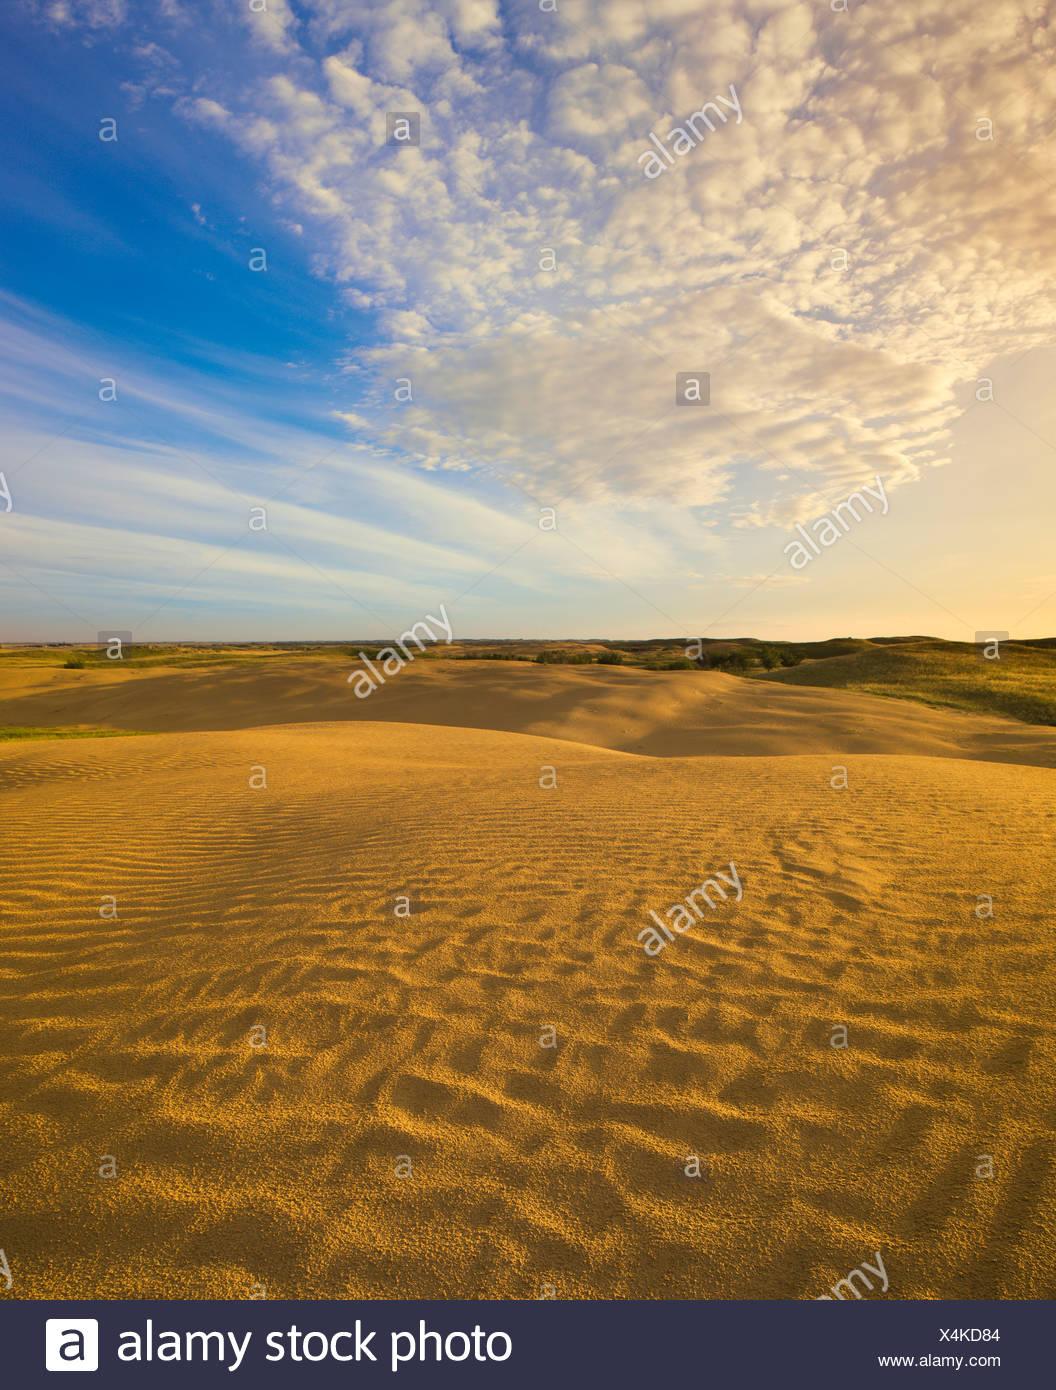 Dettaglio della grande Sandhills vicino a Leader, Saskatchewan, Canada. Immagini Stock